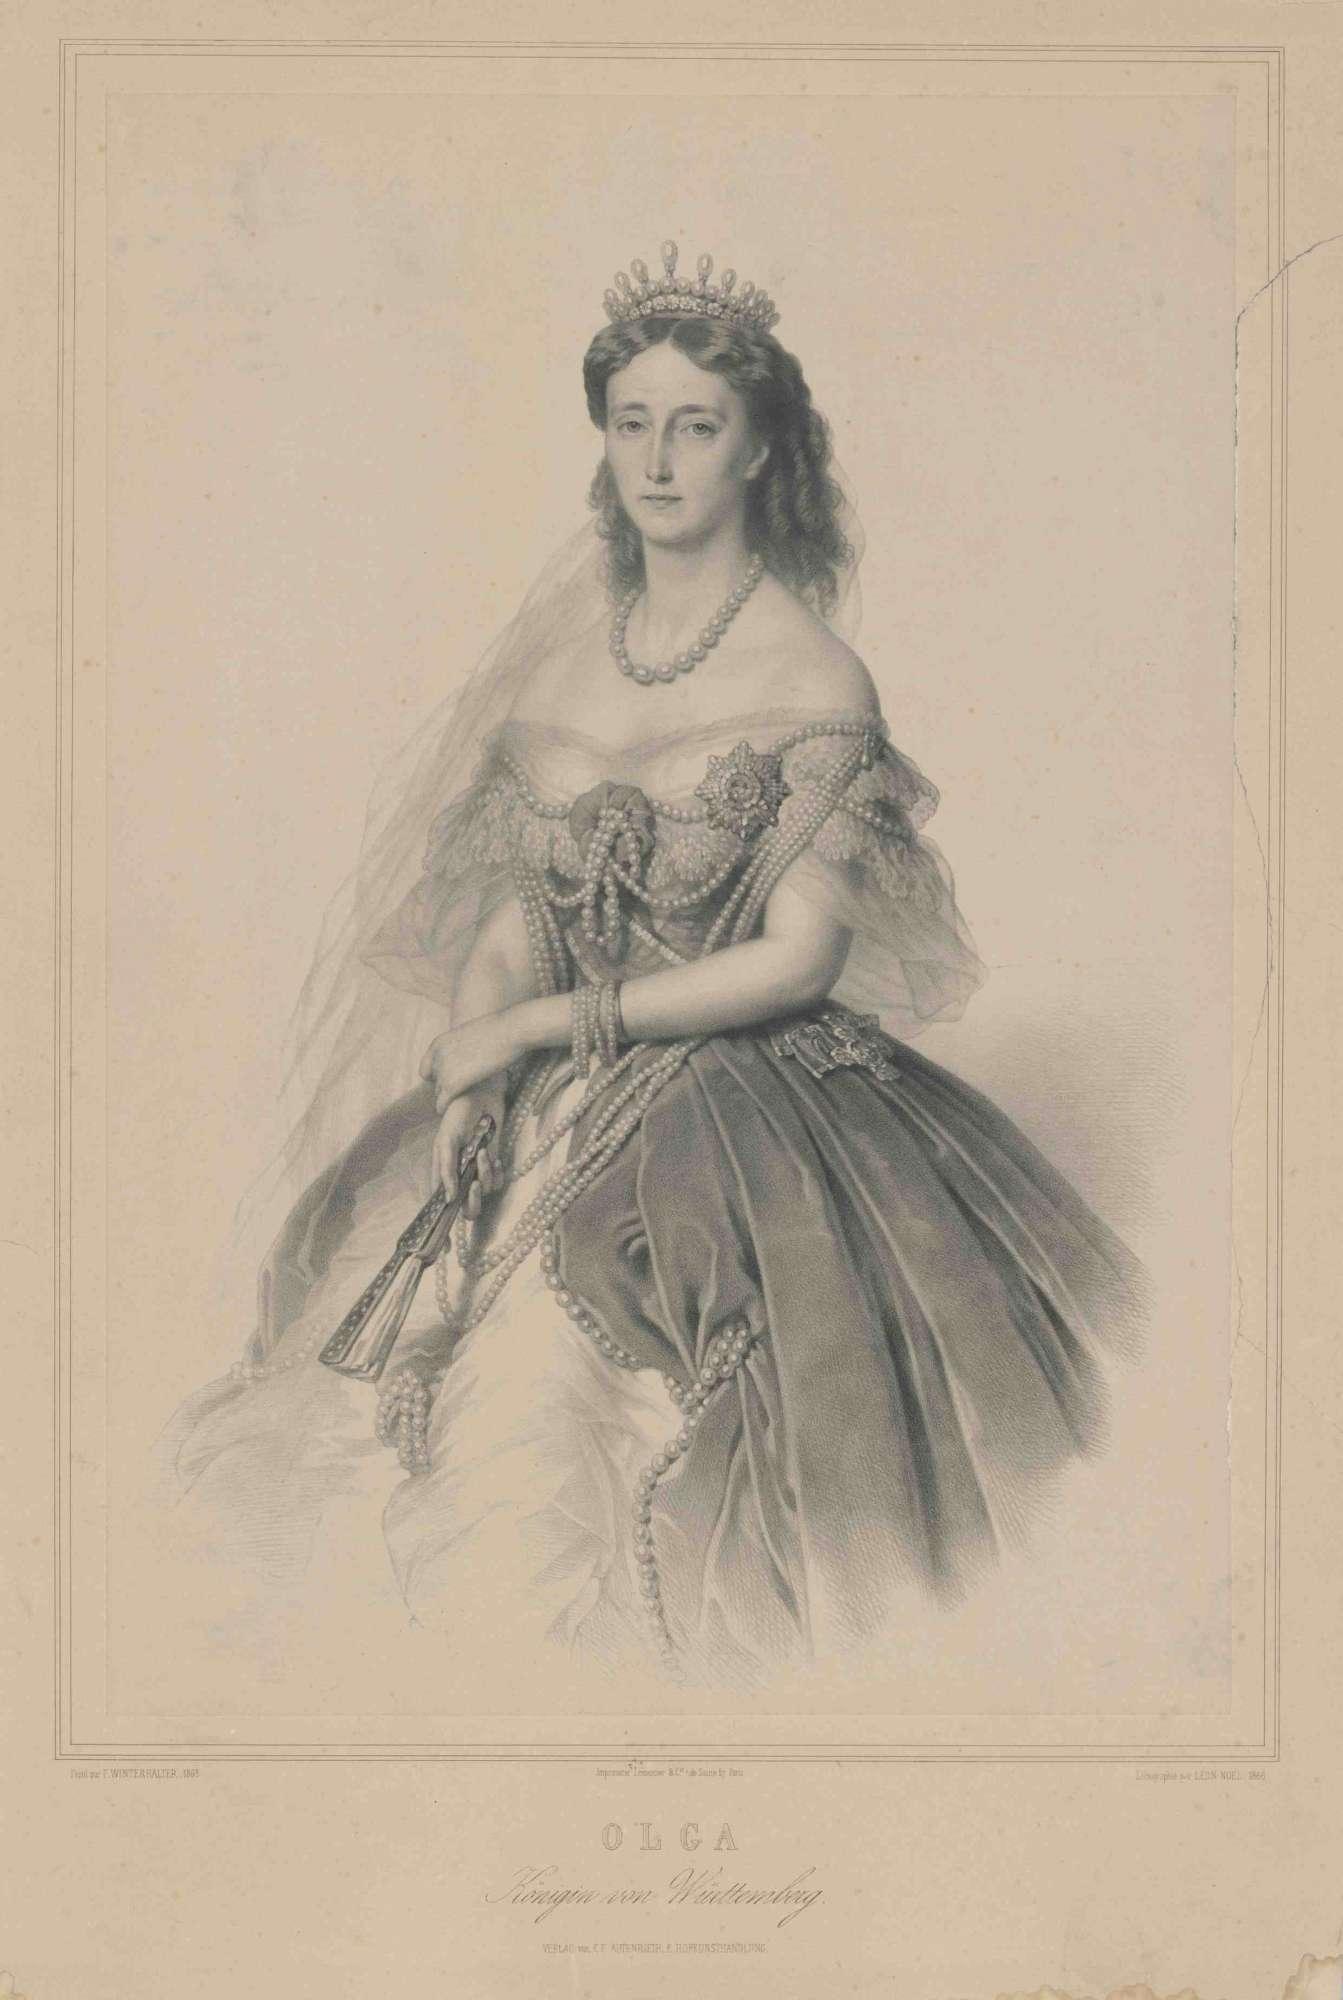 Königin Olga von Württemberg mit Kronjuwelen, Orden, Brustbild in Halbprofil, Bild 1